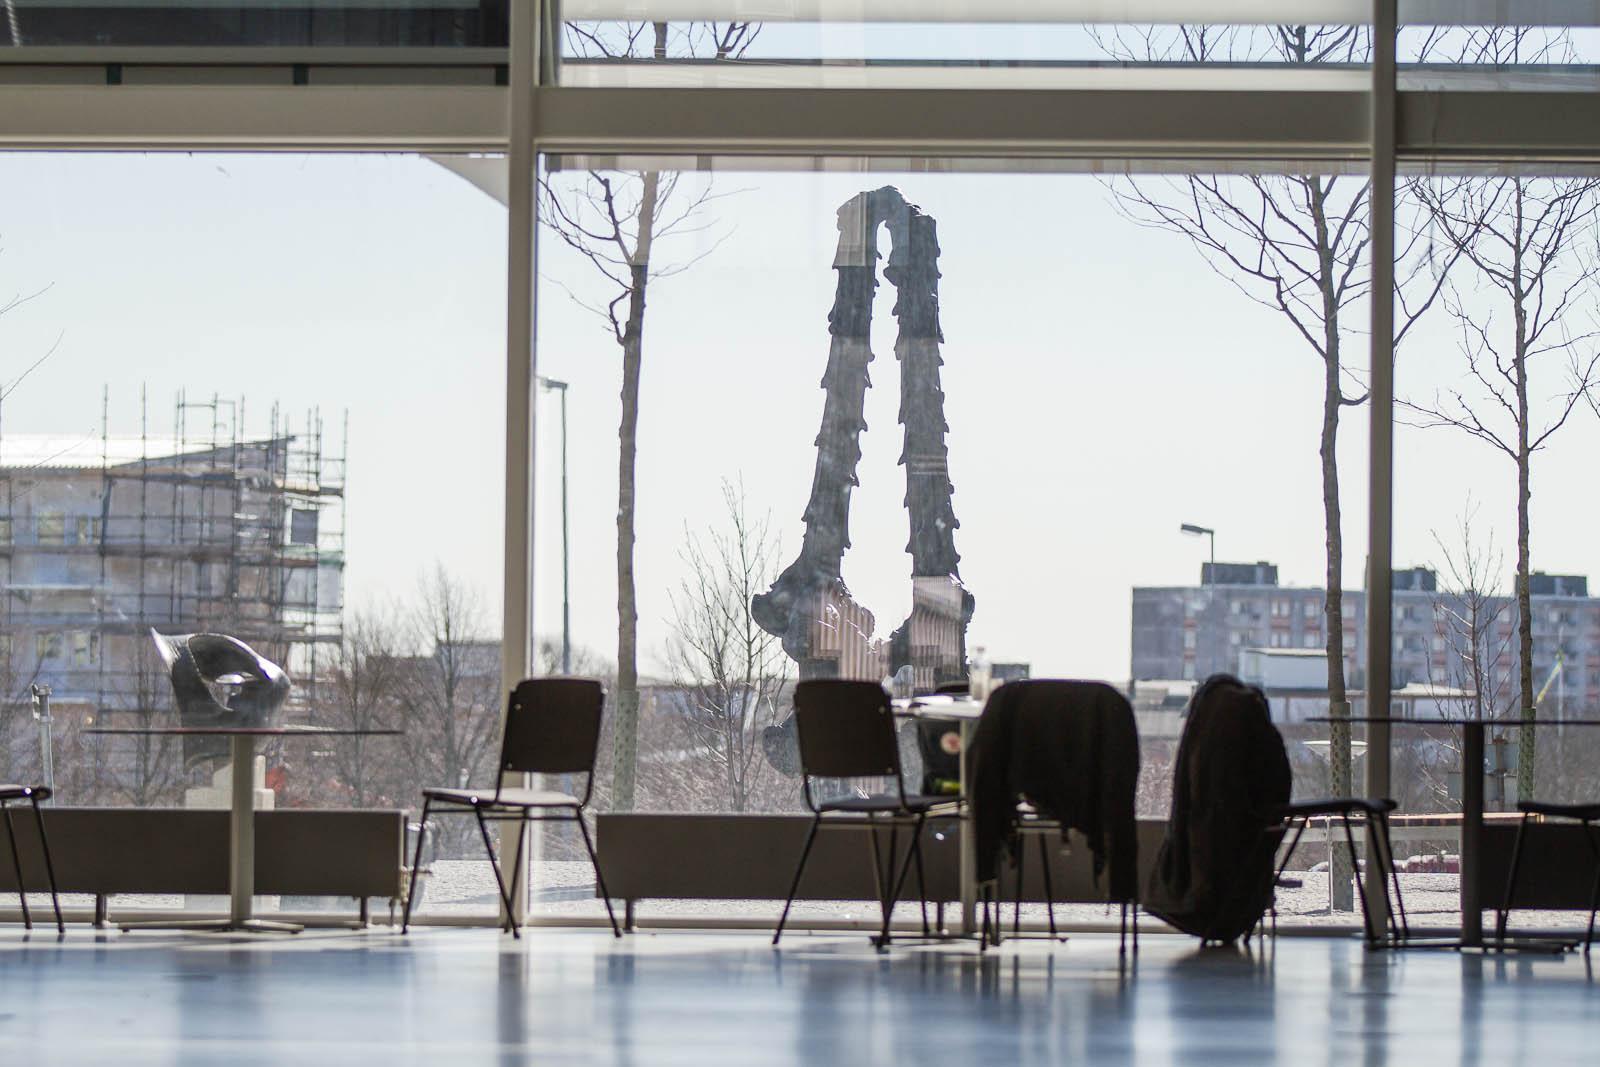 Bord och stolar framför en glasvägg. Utanför en hög tudelad och en lägre bronsskulptur. Carl Boutard, Into The Wild (2013)